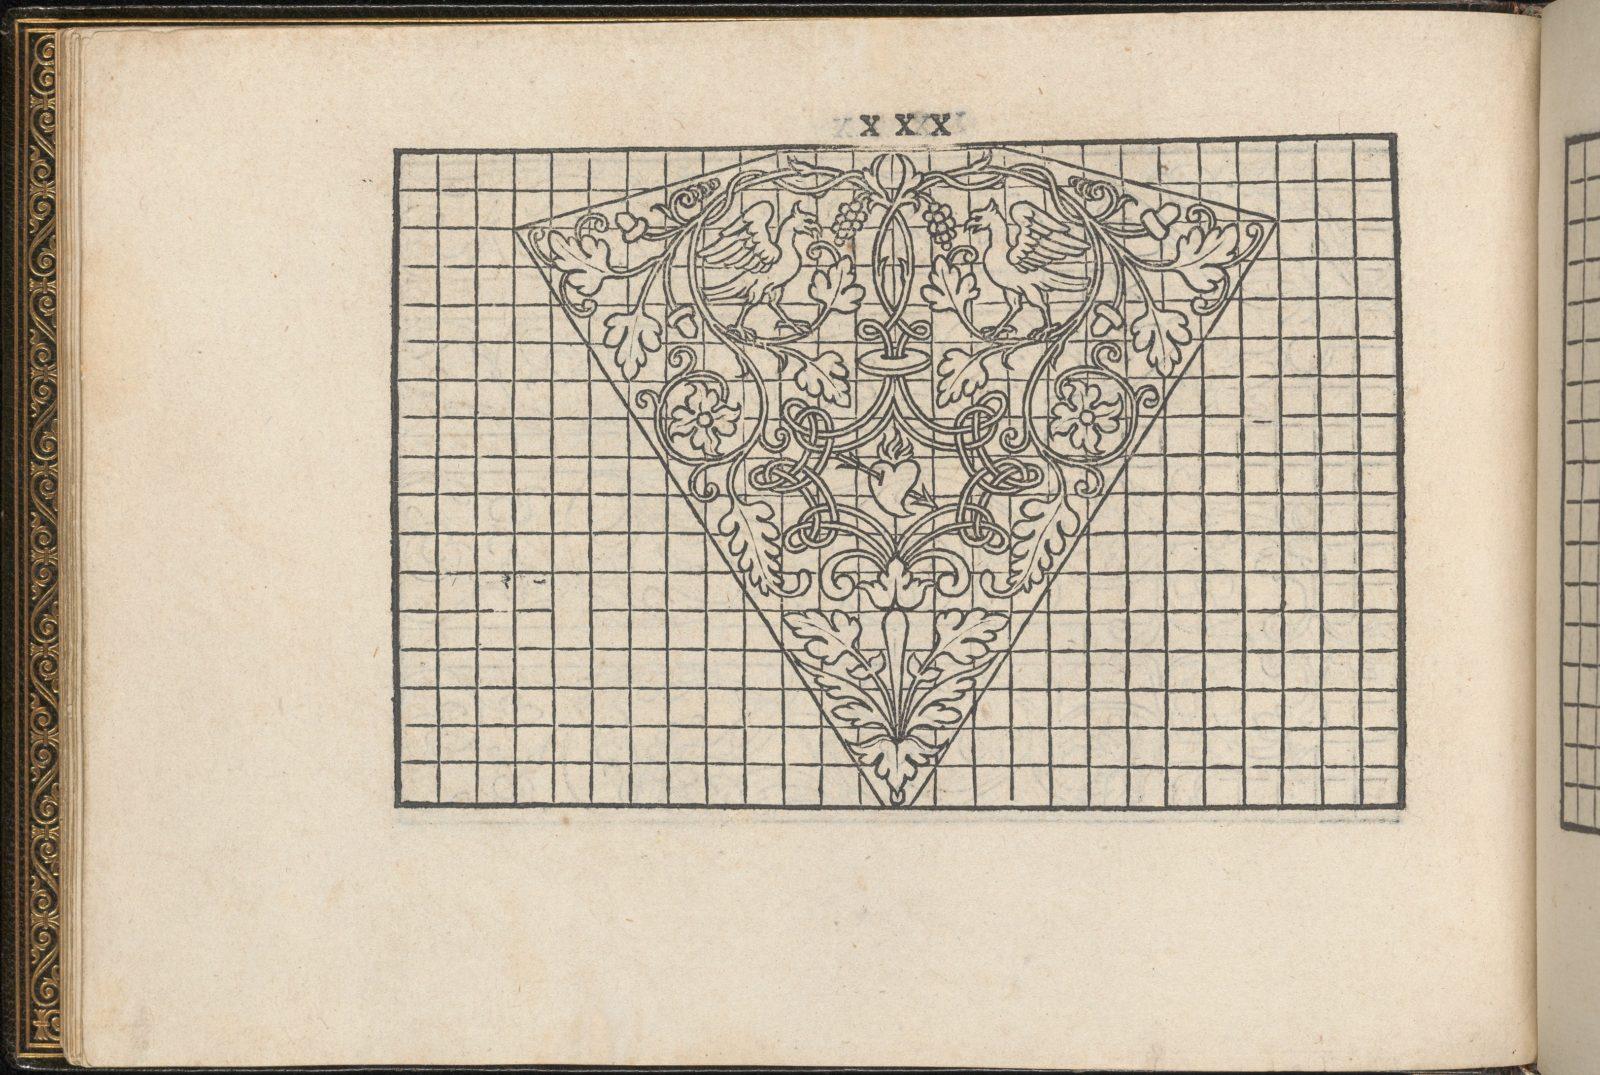 La Vera Perfettione del Disegno di varie sorti di recami, page 15 (verso)